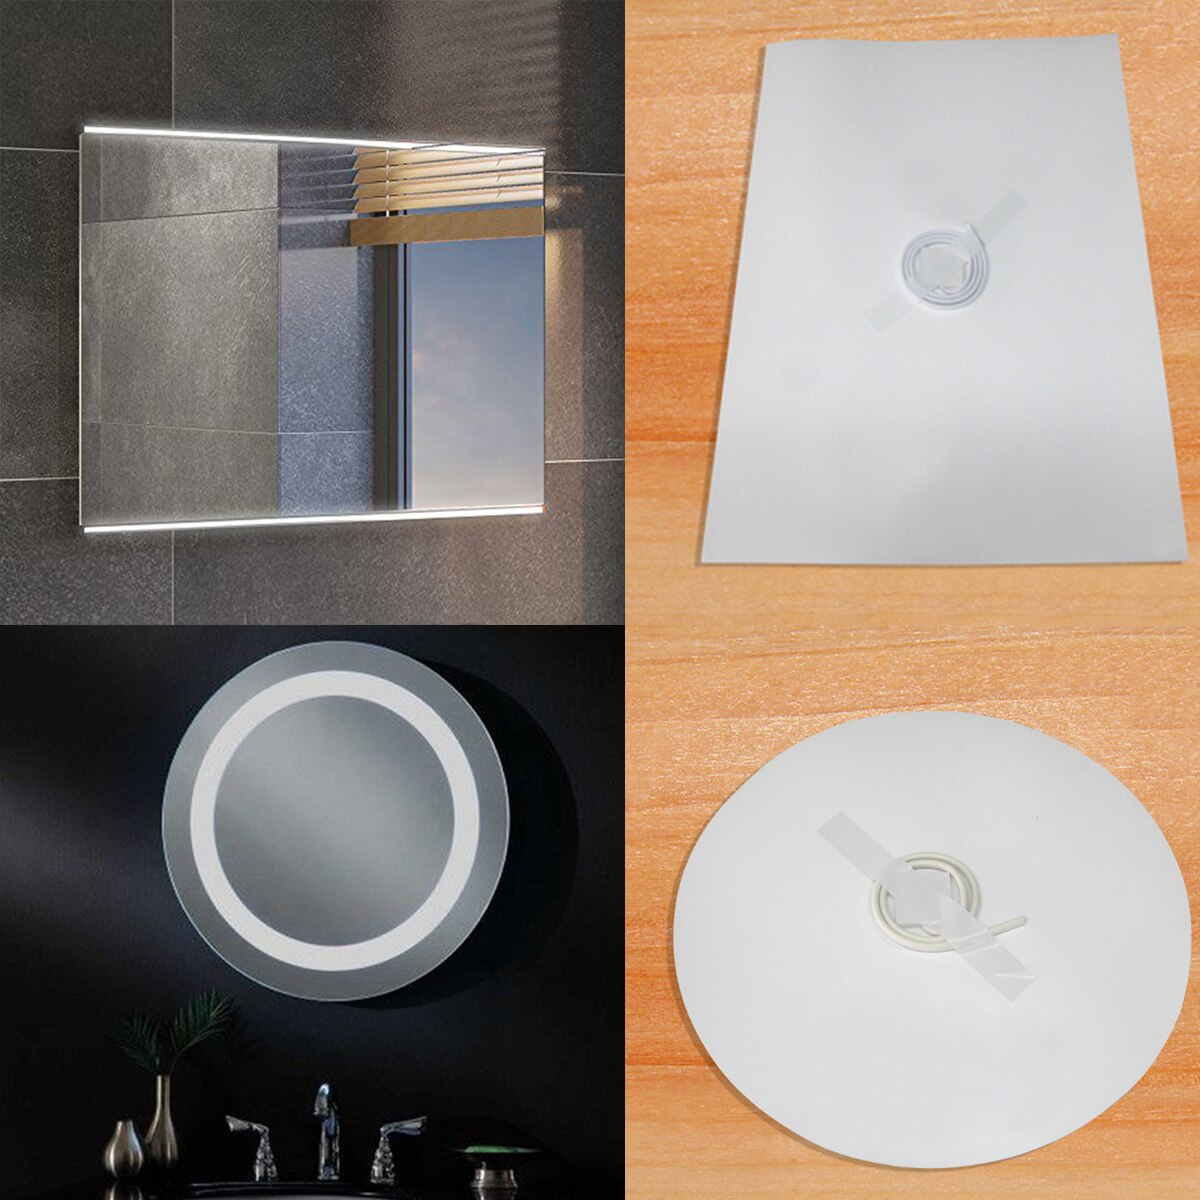 Espejo de baño ducha película protectora antiniebla ventana película transparente espejo de maquillaje impermeable película de calentamiento electrónico de protección